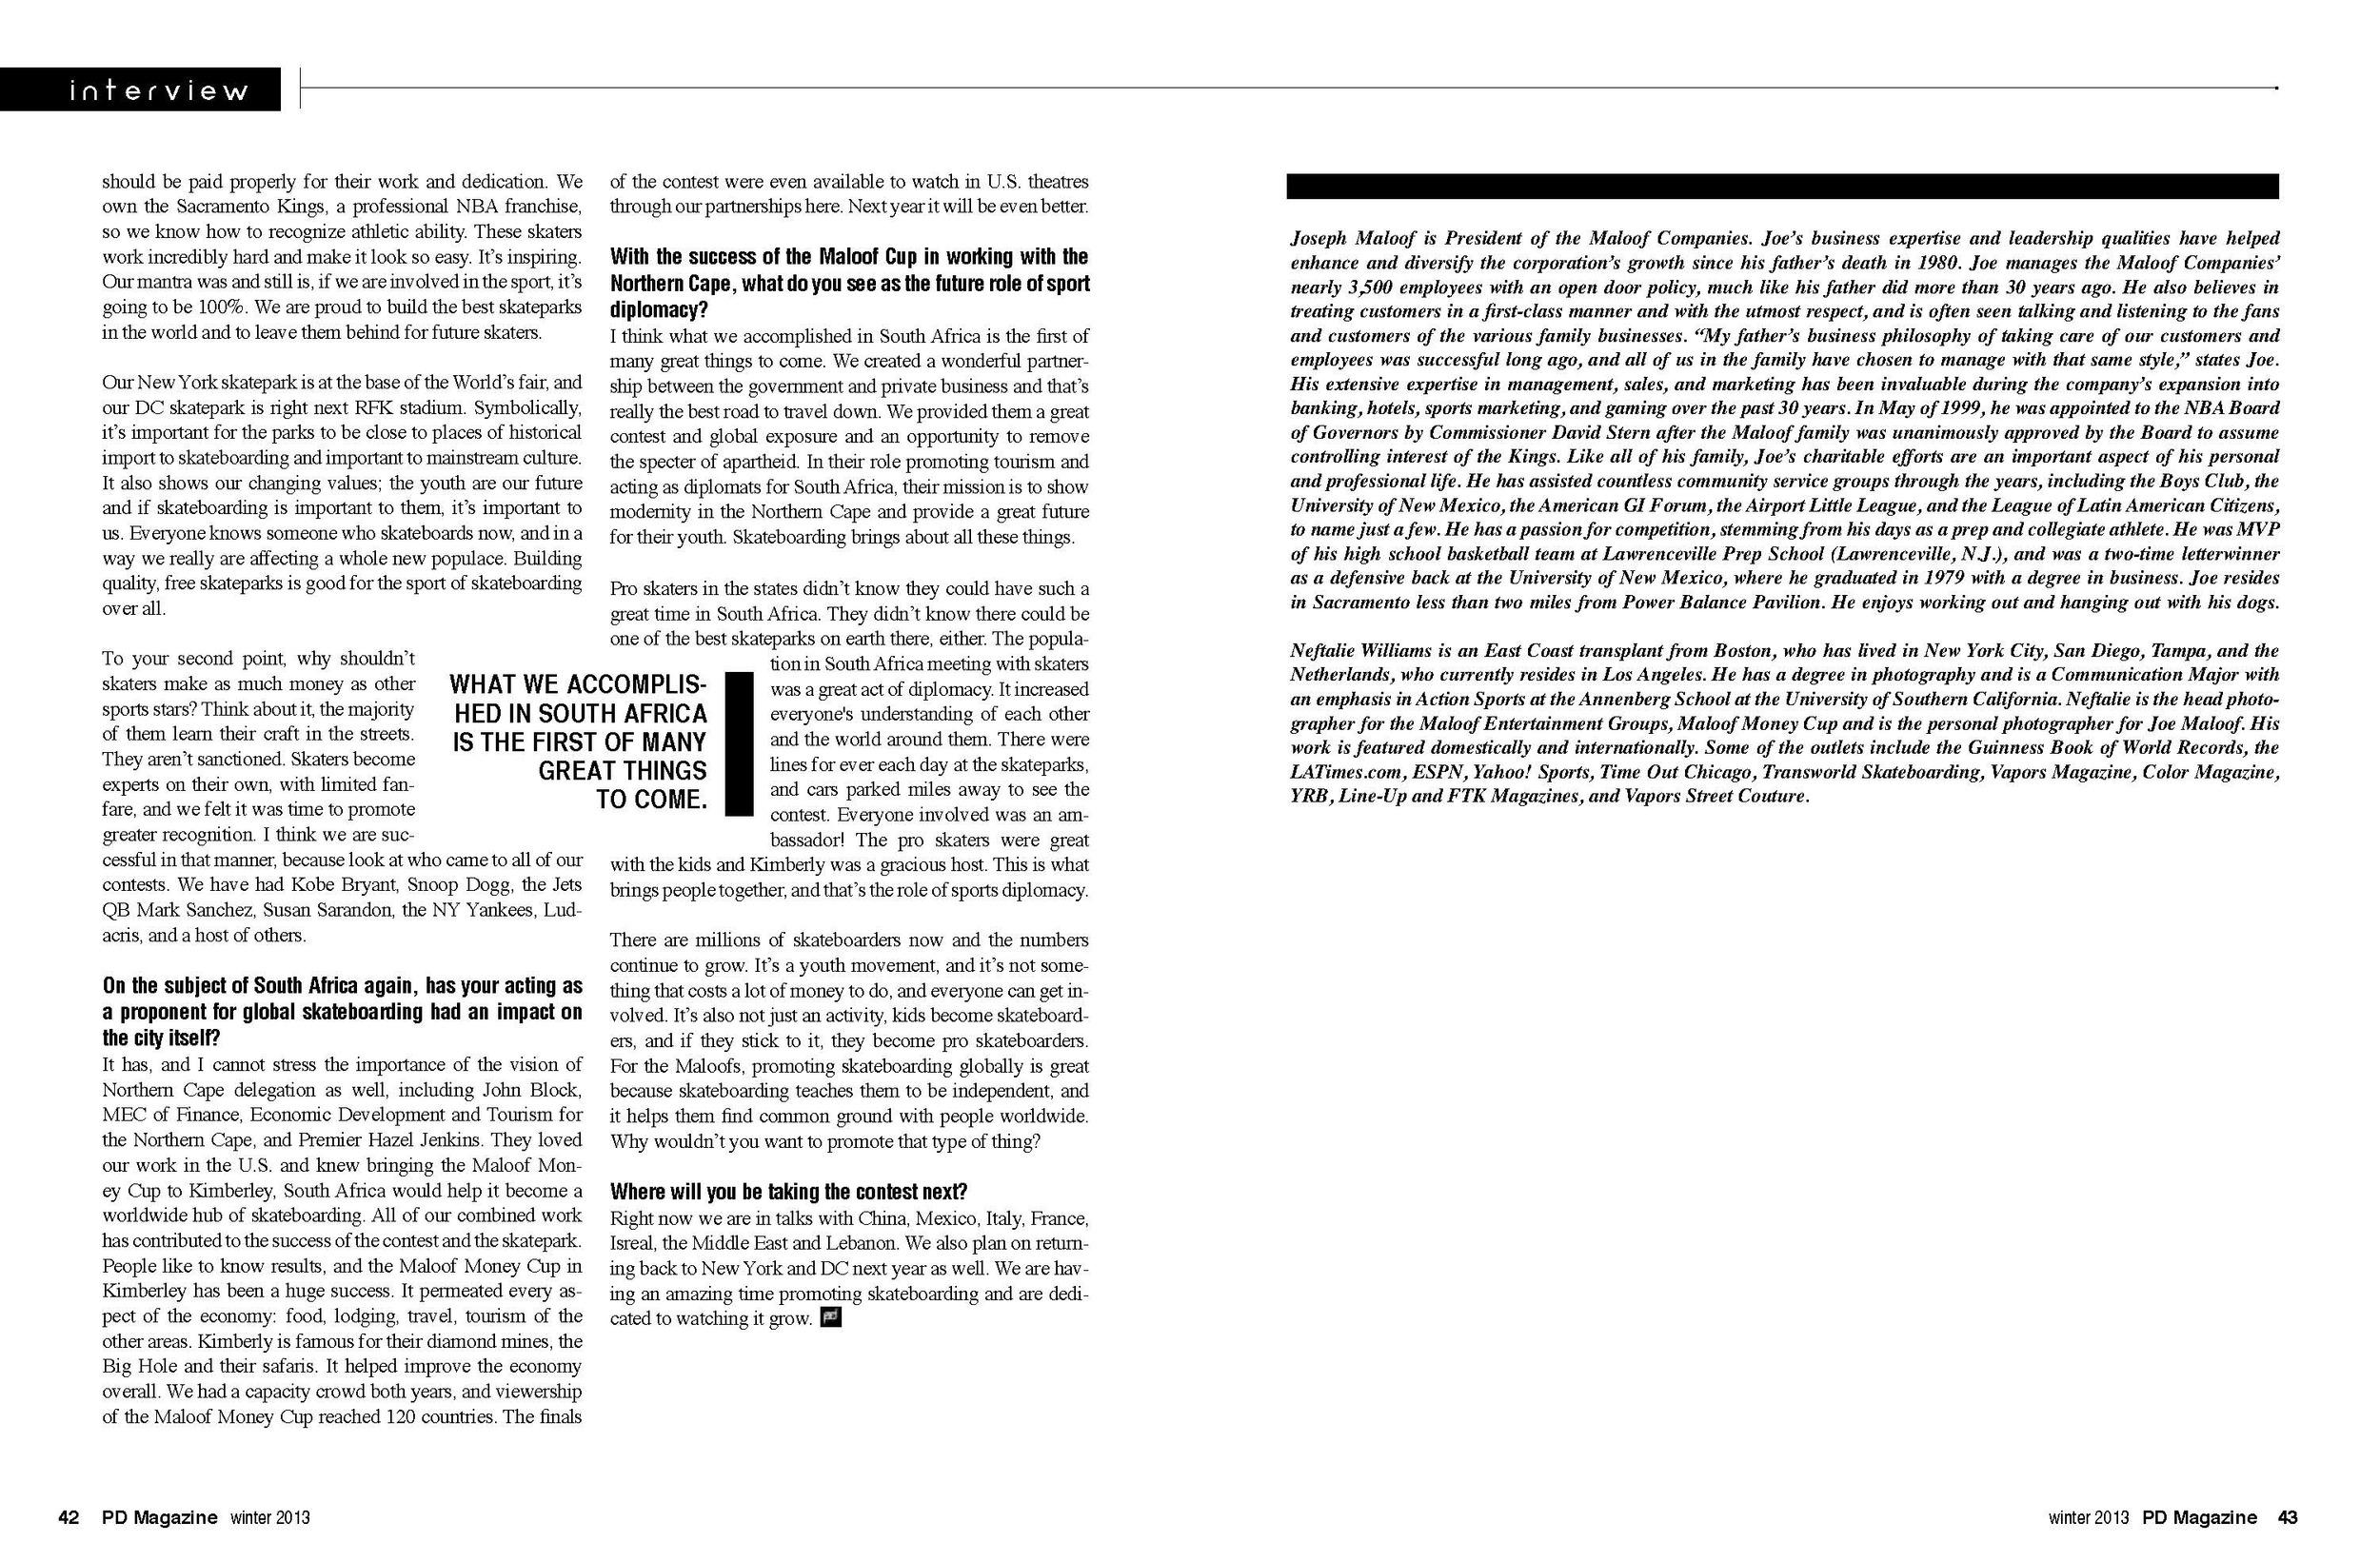 Joe Maloof Interview page 3